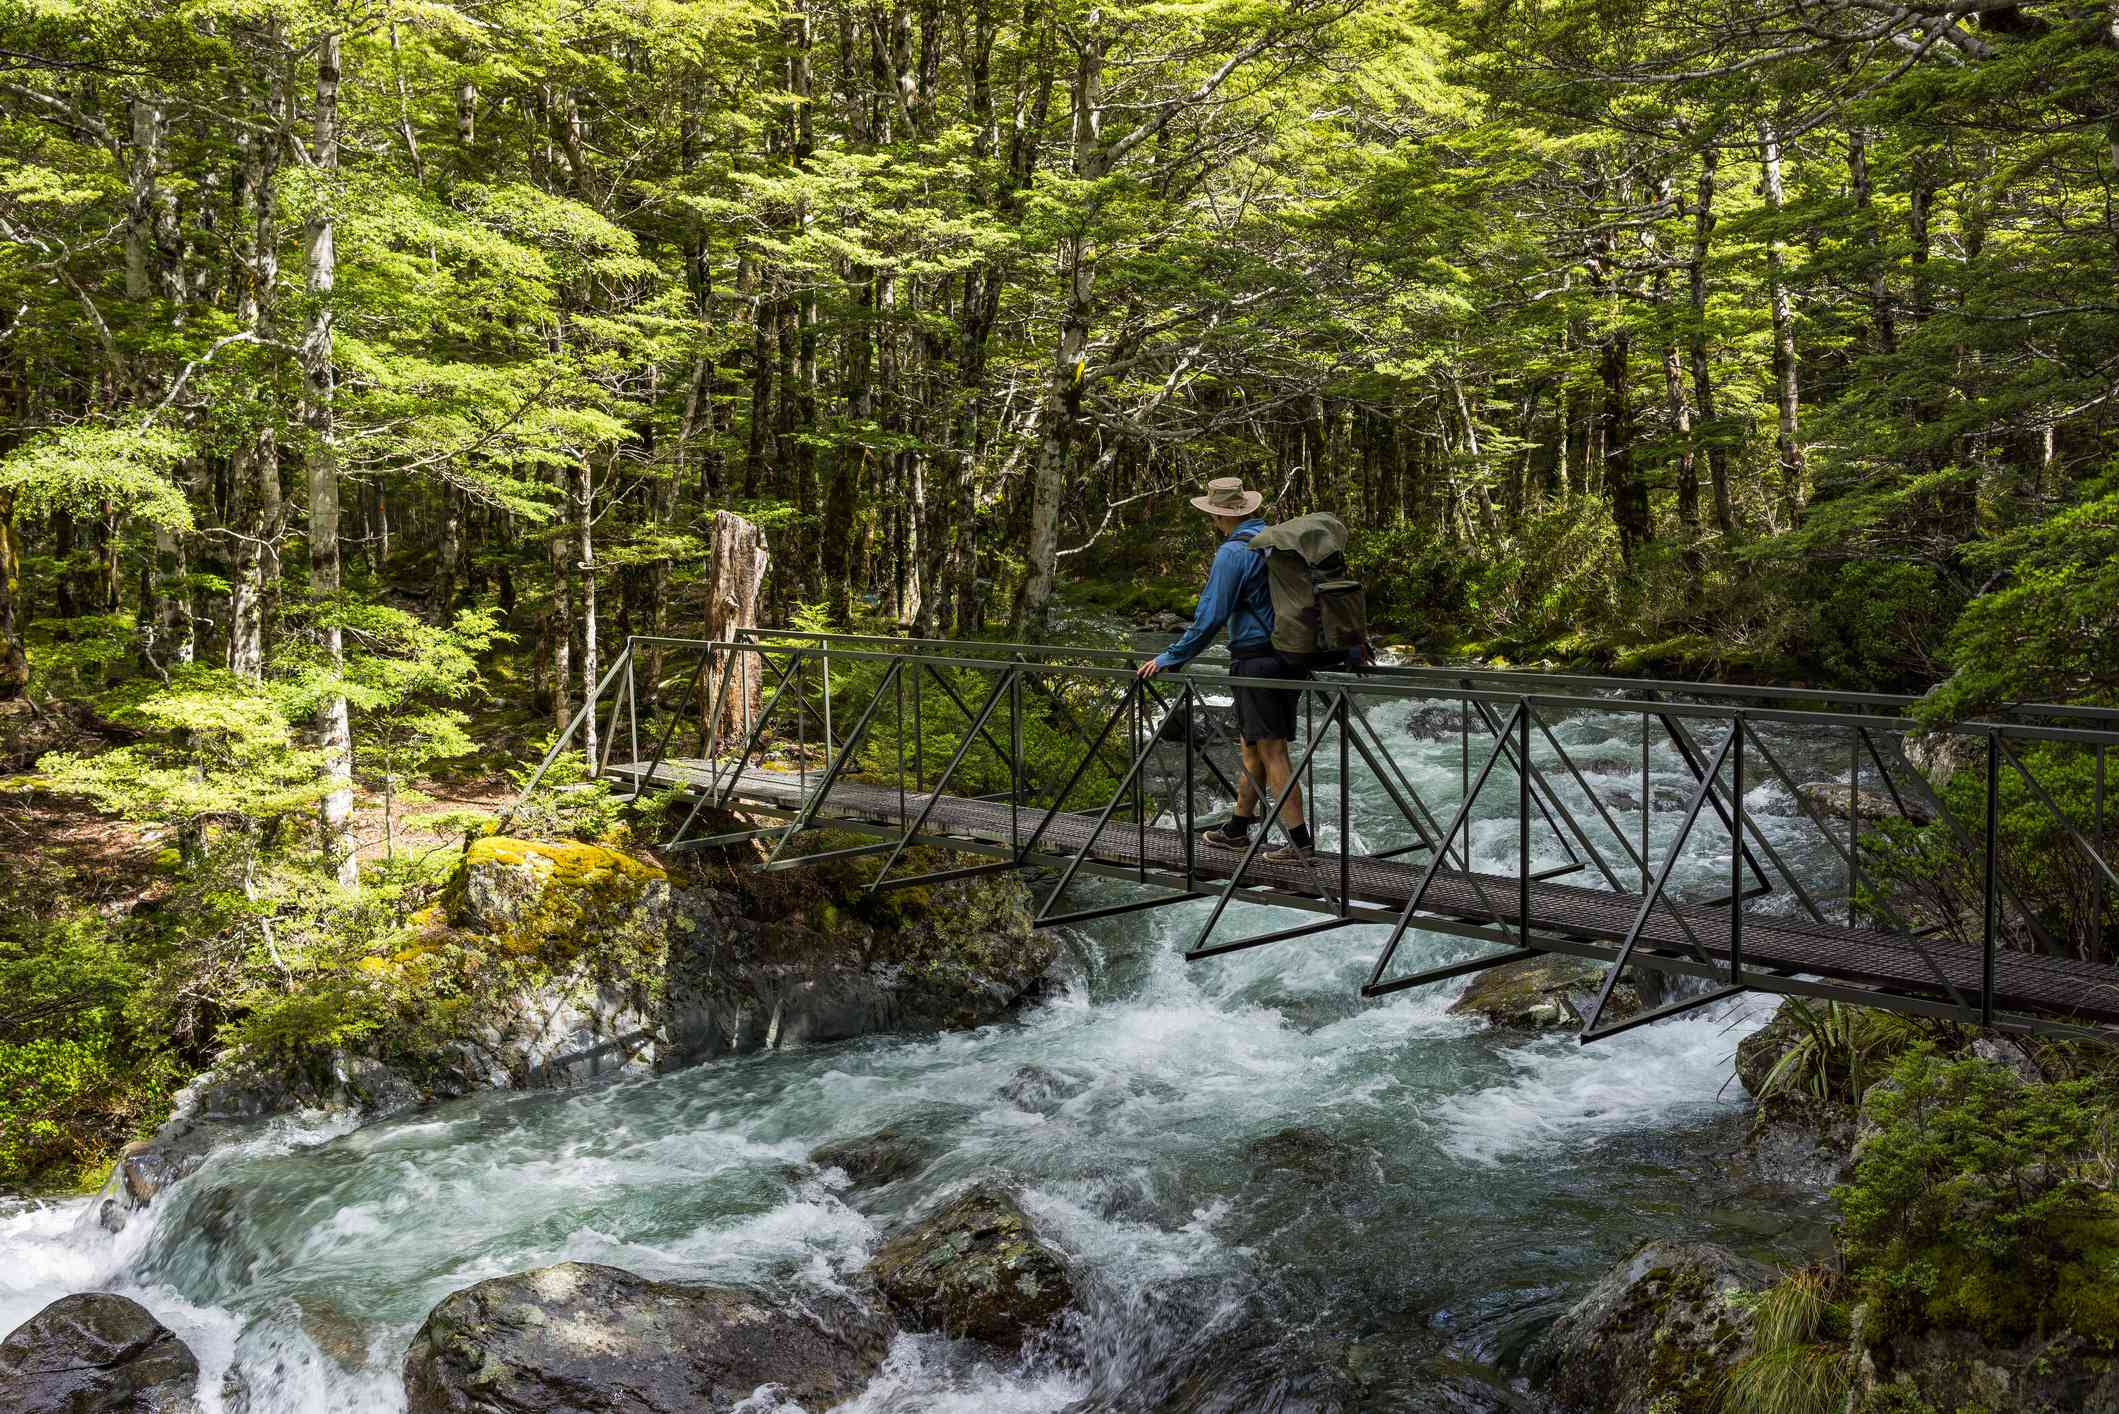 Hombre cruzando el arroyo, el circuito Travers Sabine, el Parque Nacional Nelson Lakes, Nueva Zelanda